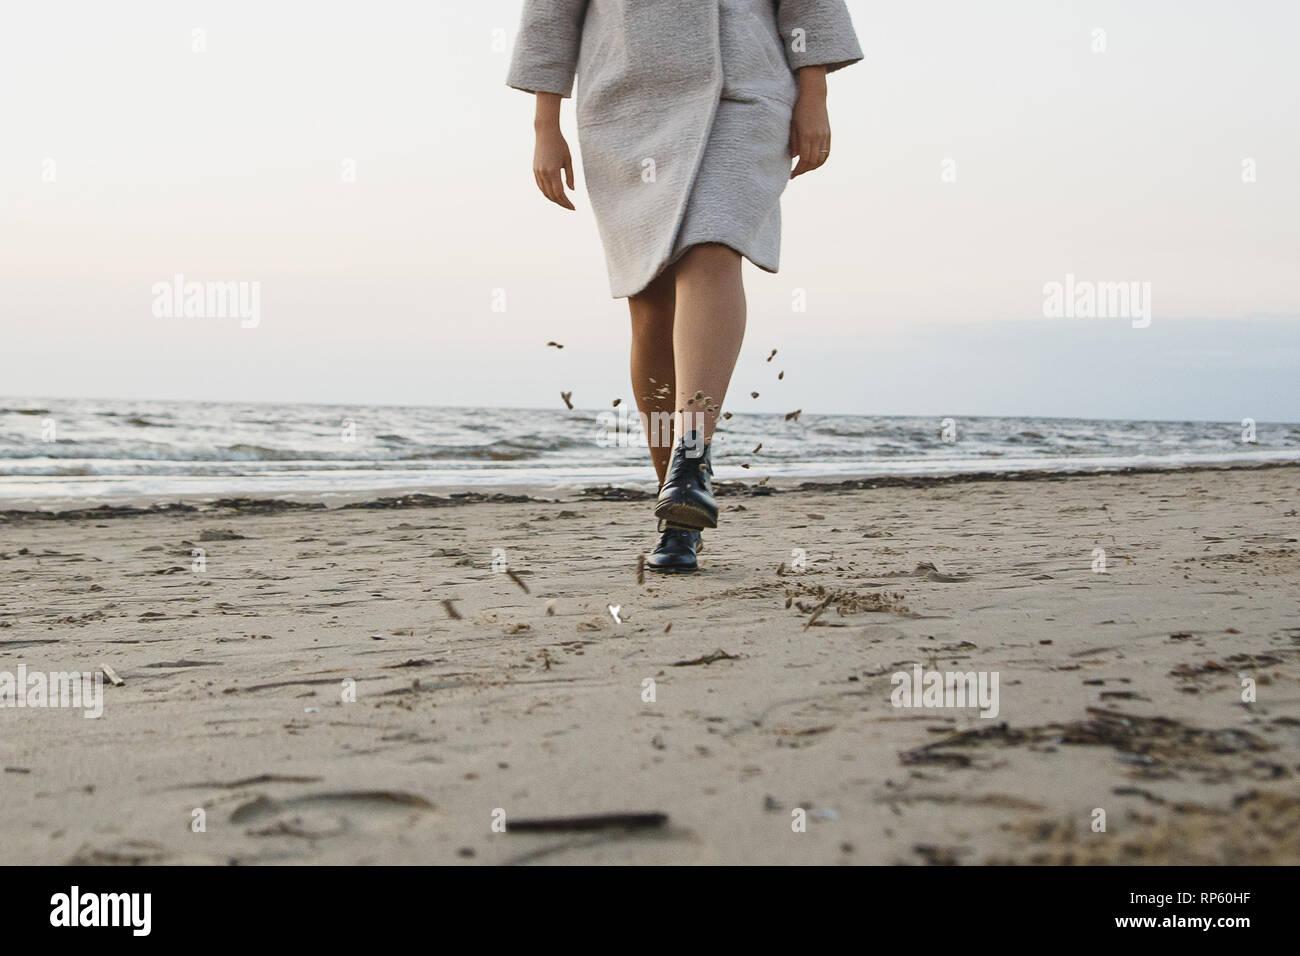 Mujer despreocupada en botas de cuero negro patada en la playa de arena. Volando arena mojada. Concepto El calzado de protección, resistencia al agua y al polvo. Foto de stock